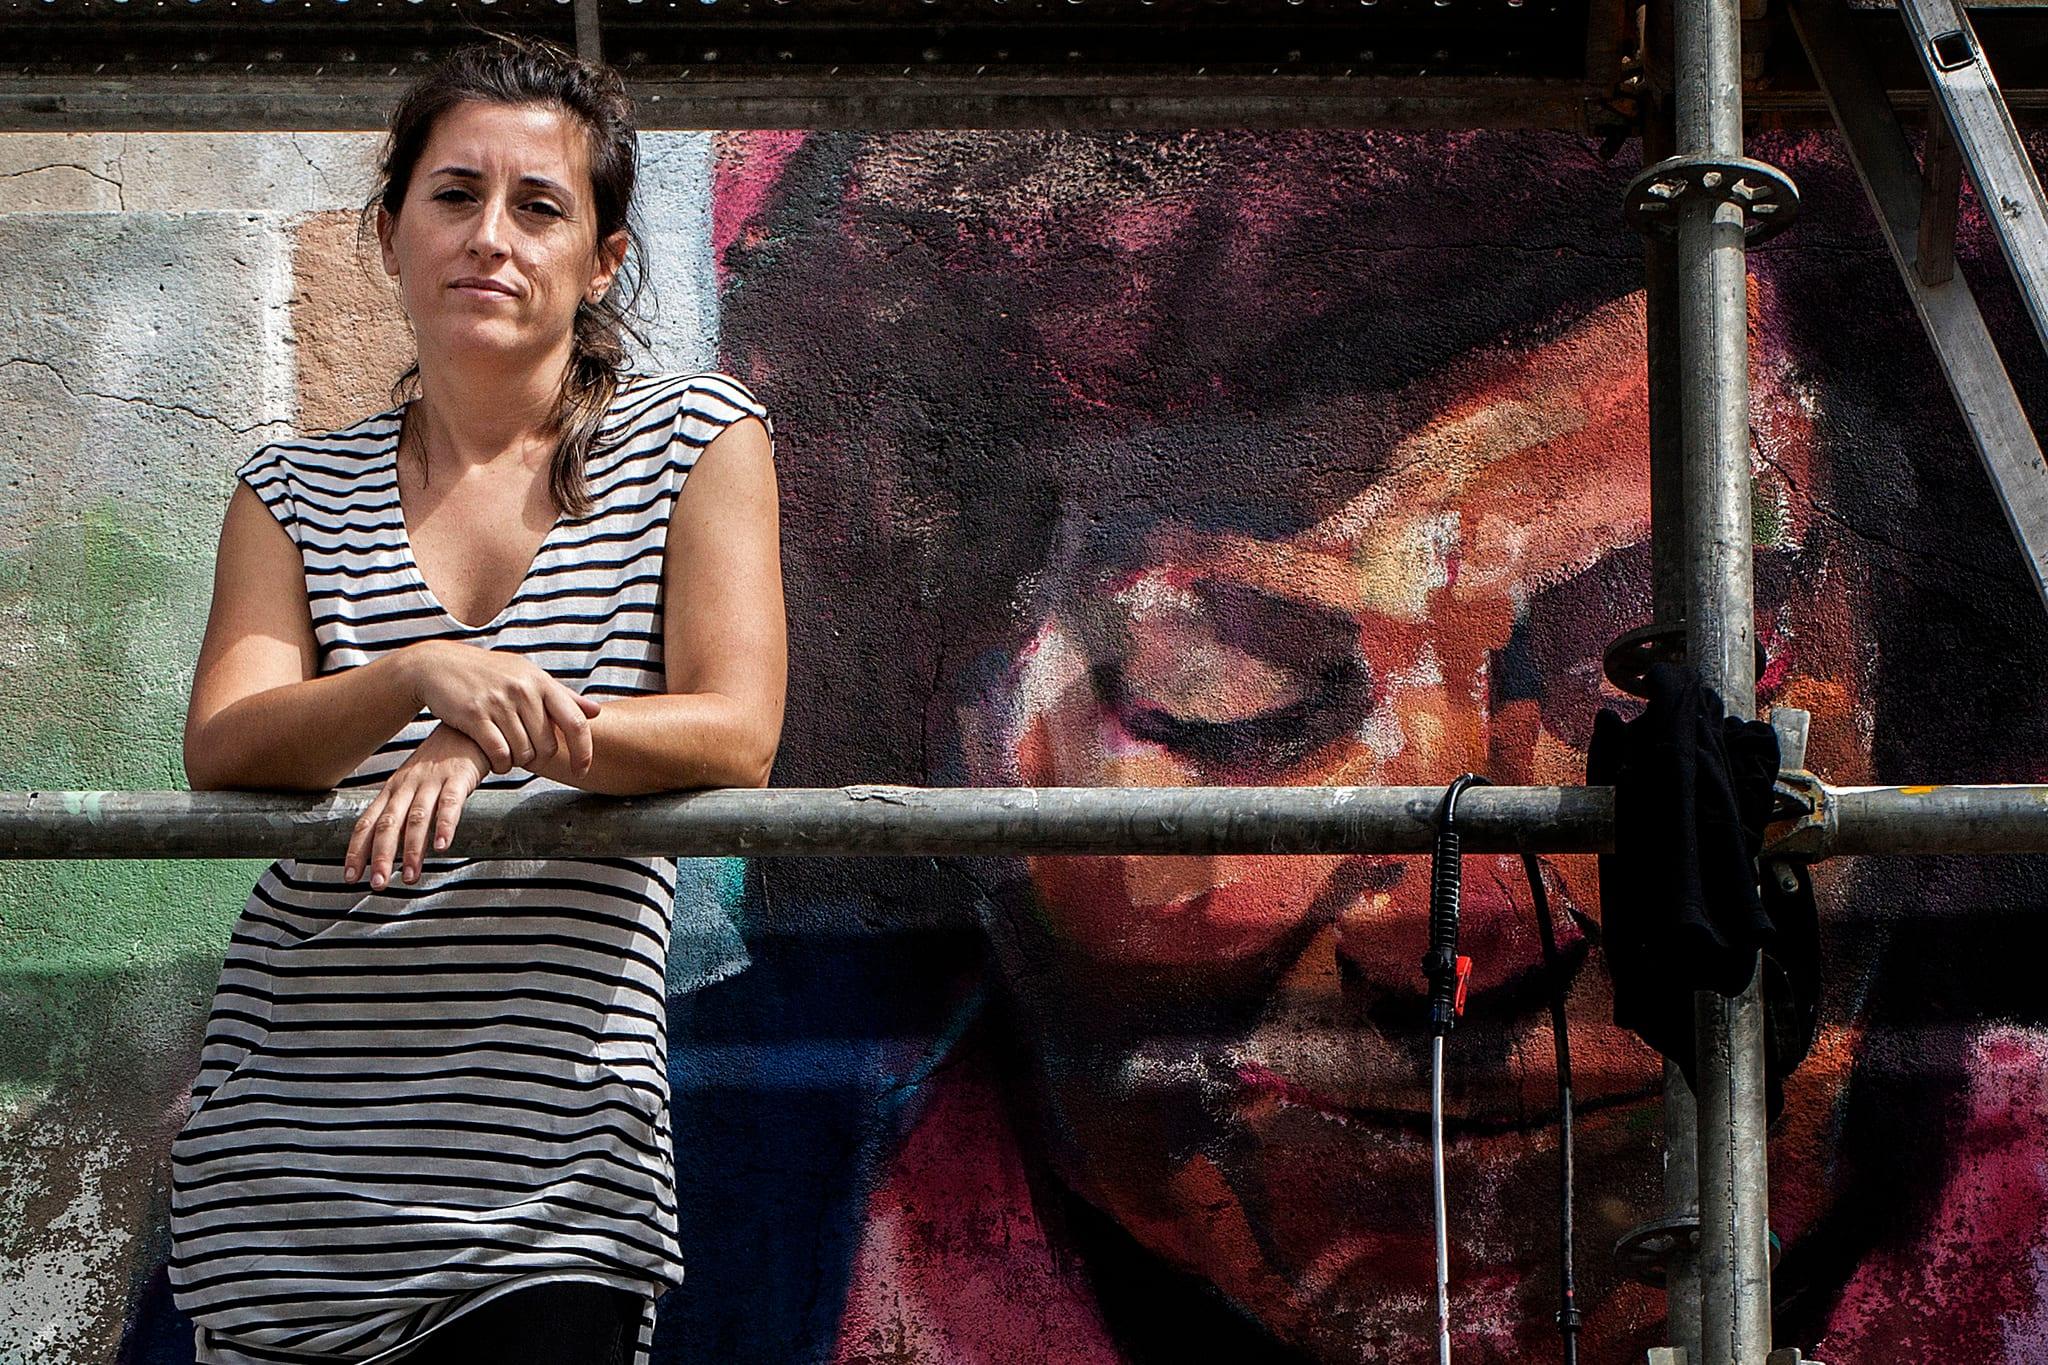 PÚBLICO - As paredes de Lara têm vidas dentro